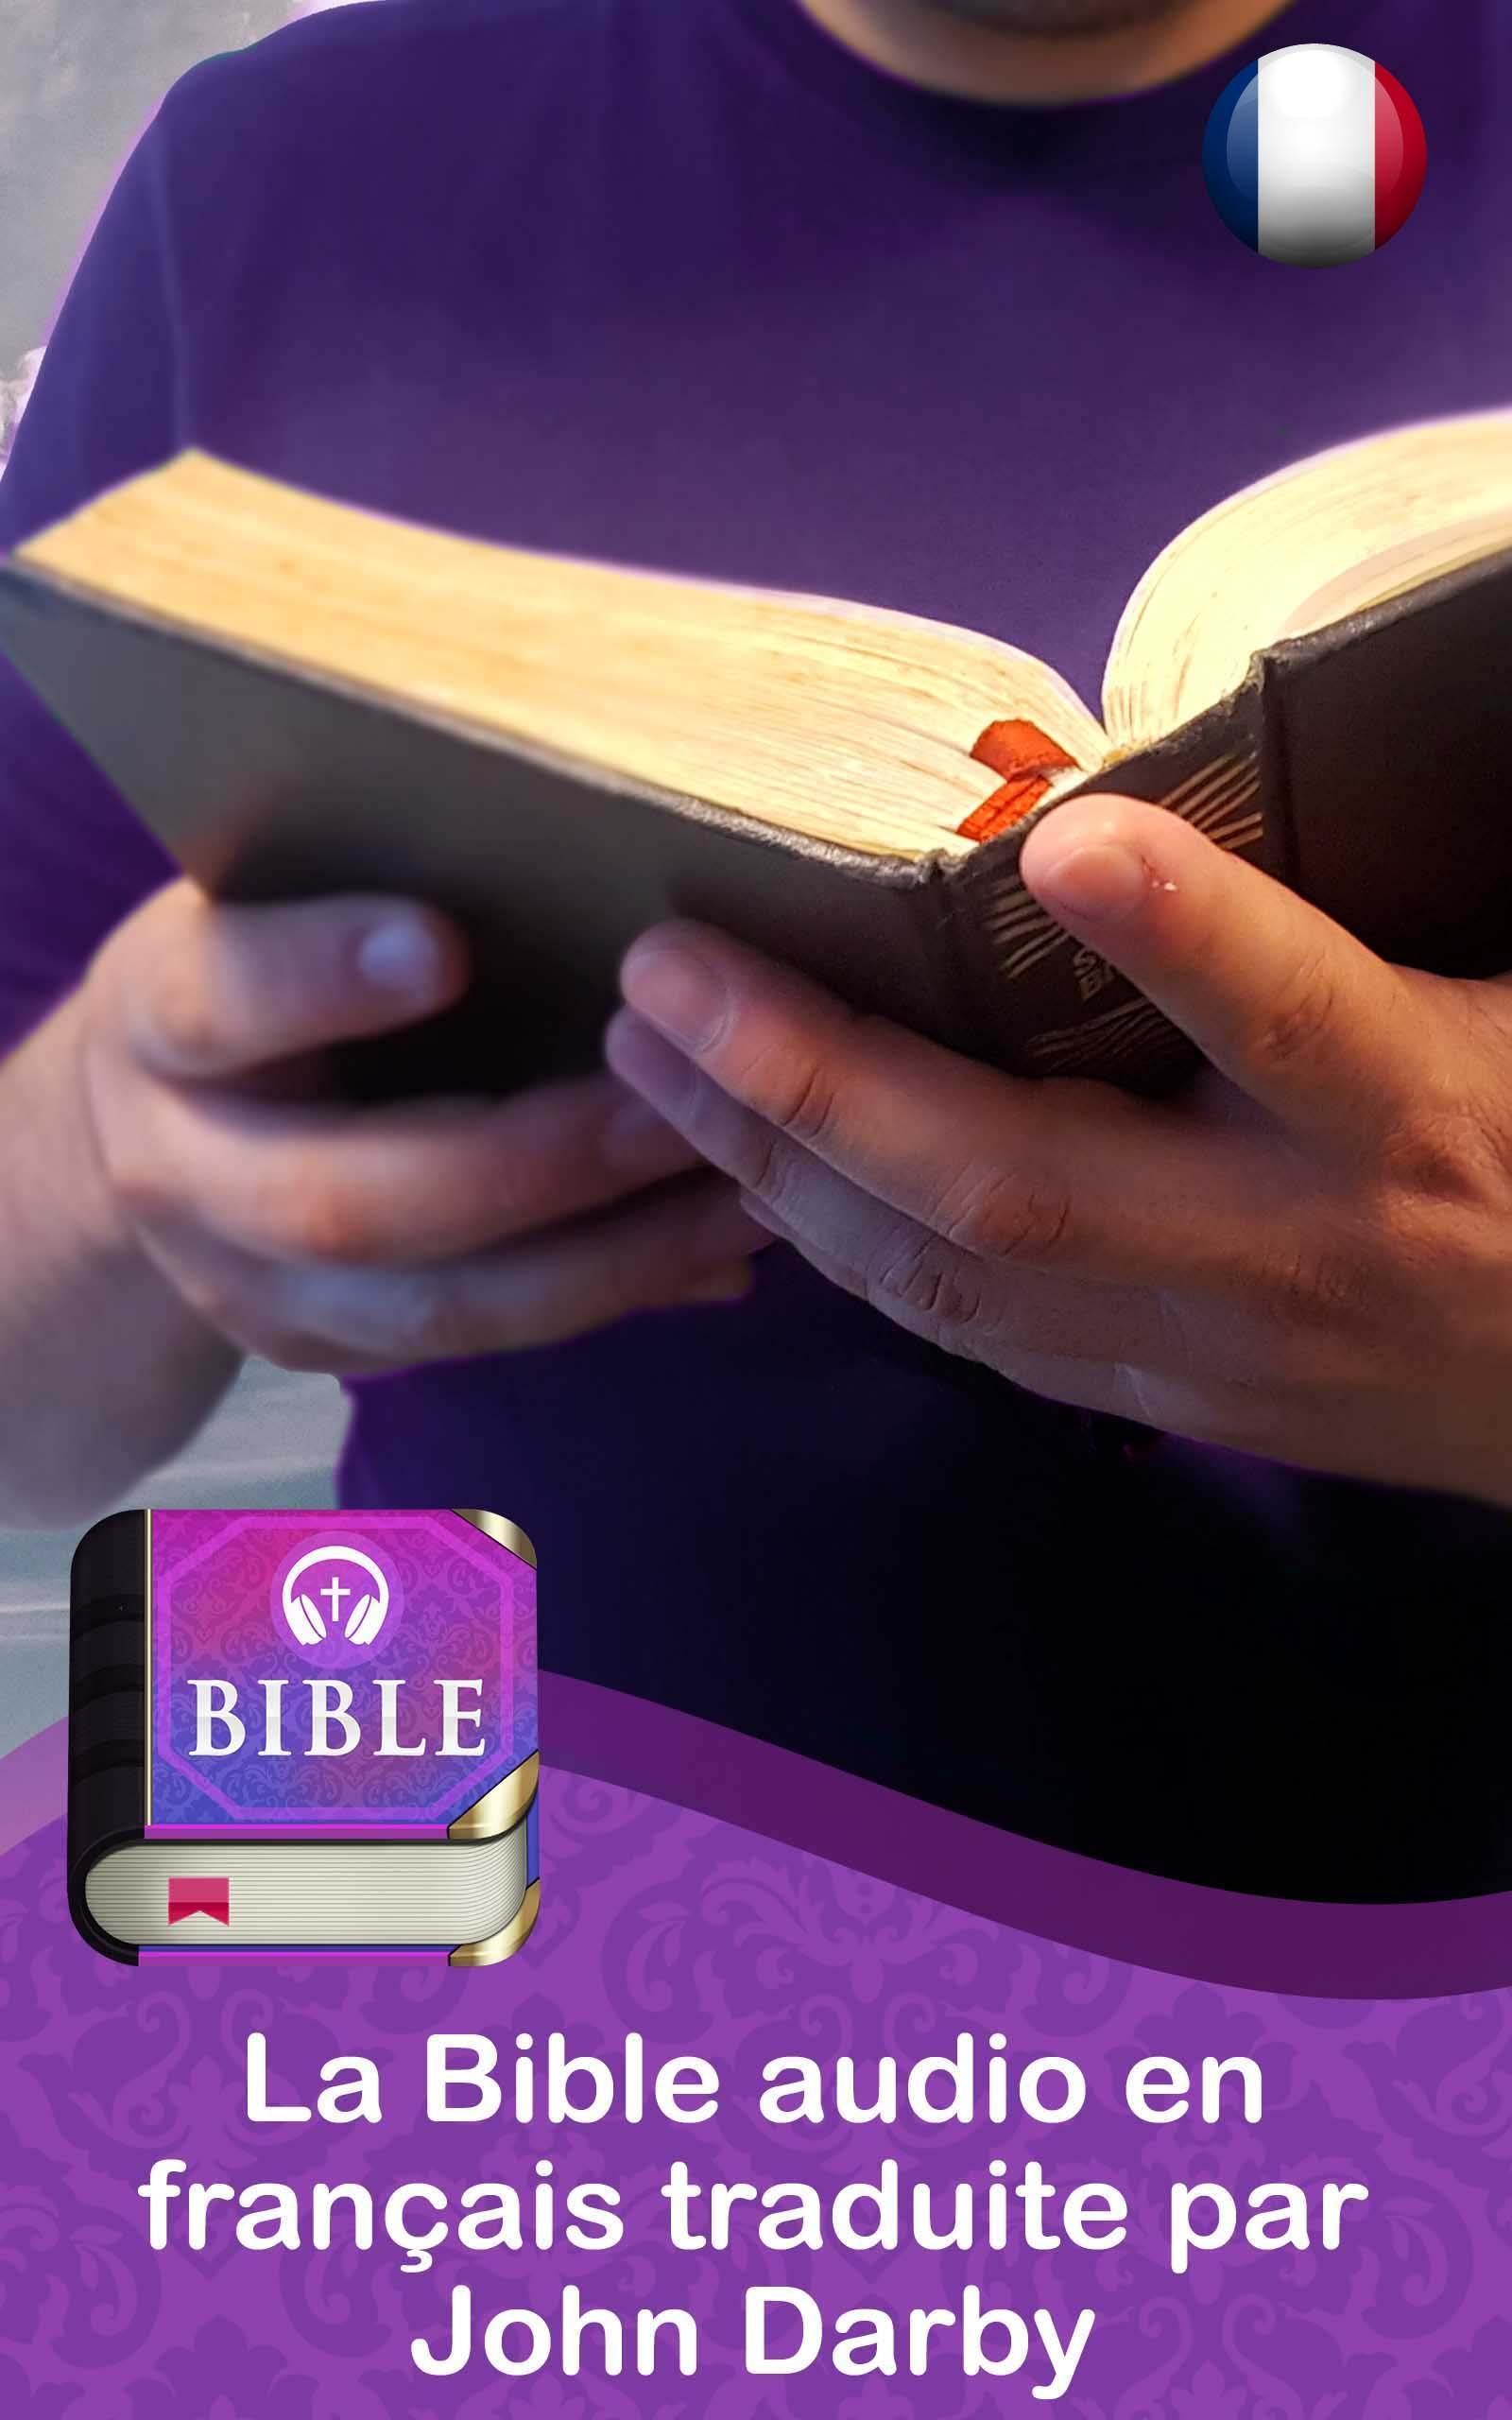 FRANCAIS BIBLE TÉLÉCHARGER SUR EN UPTODOWN LA